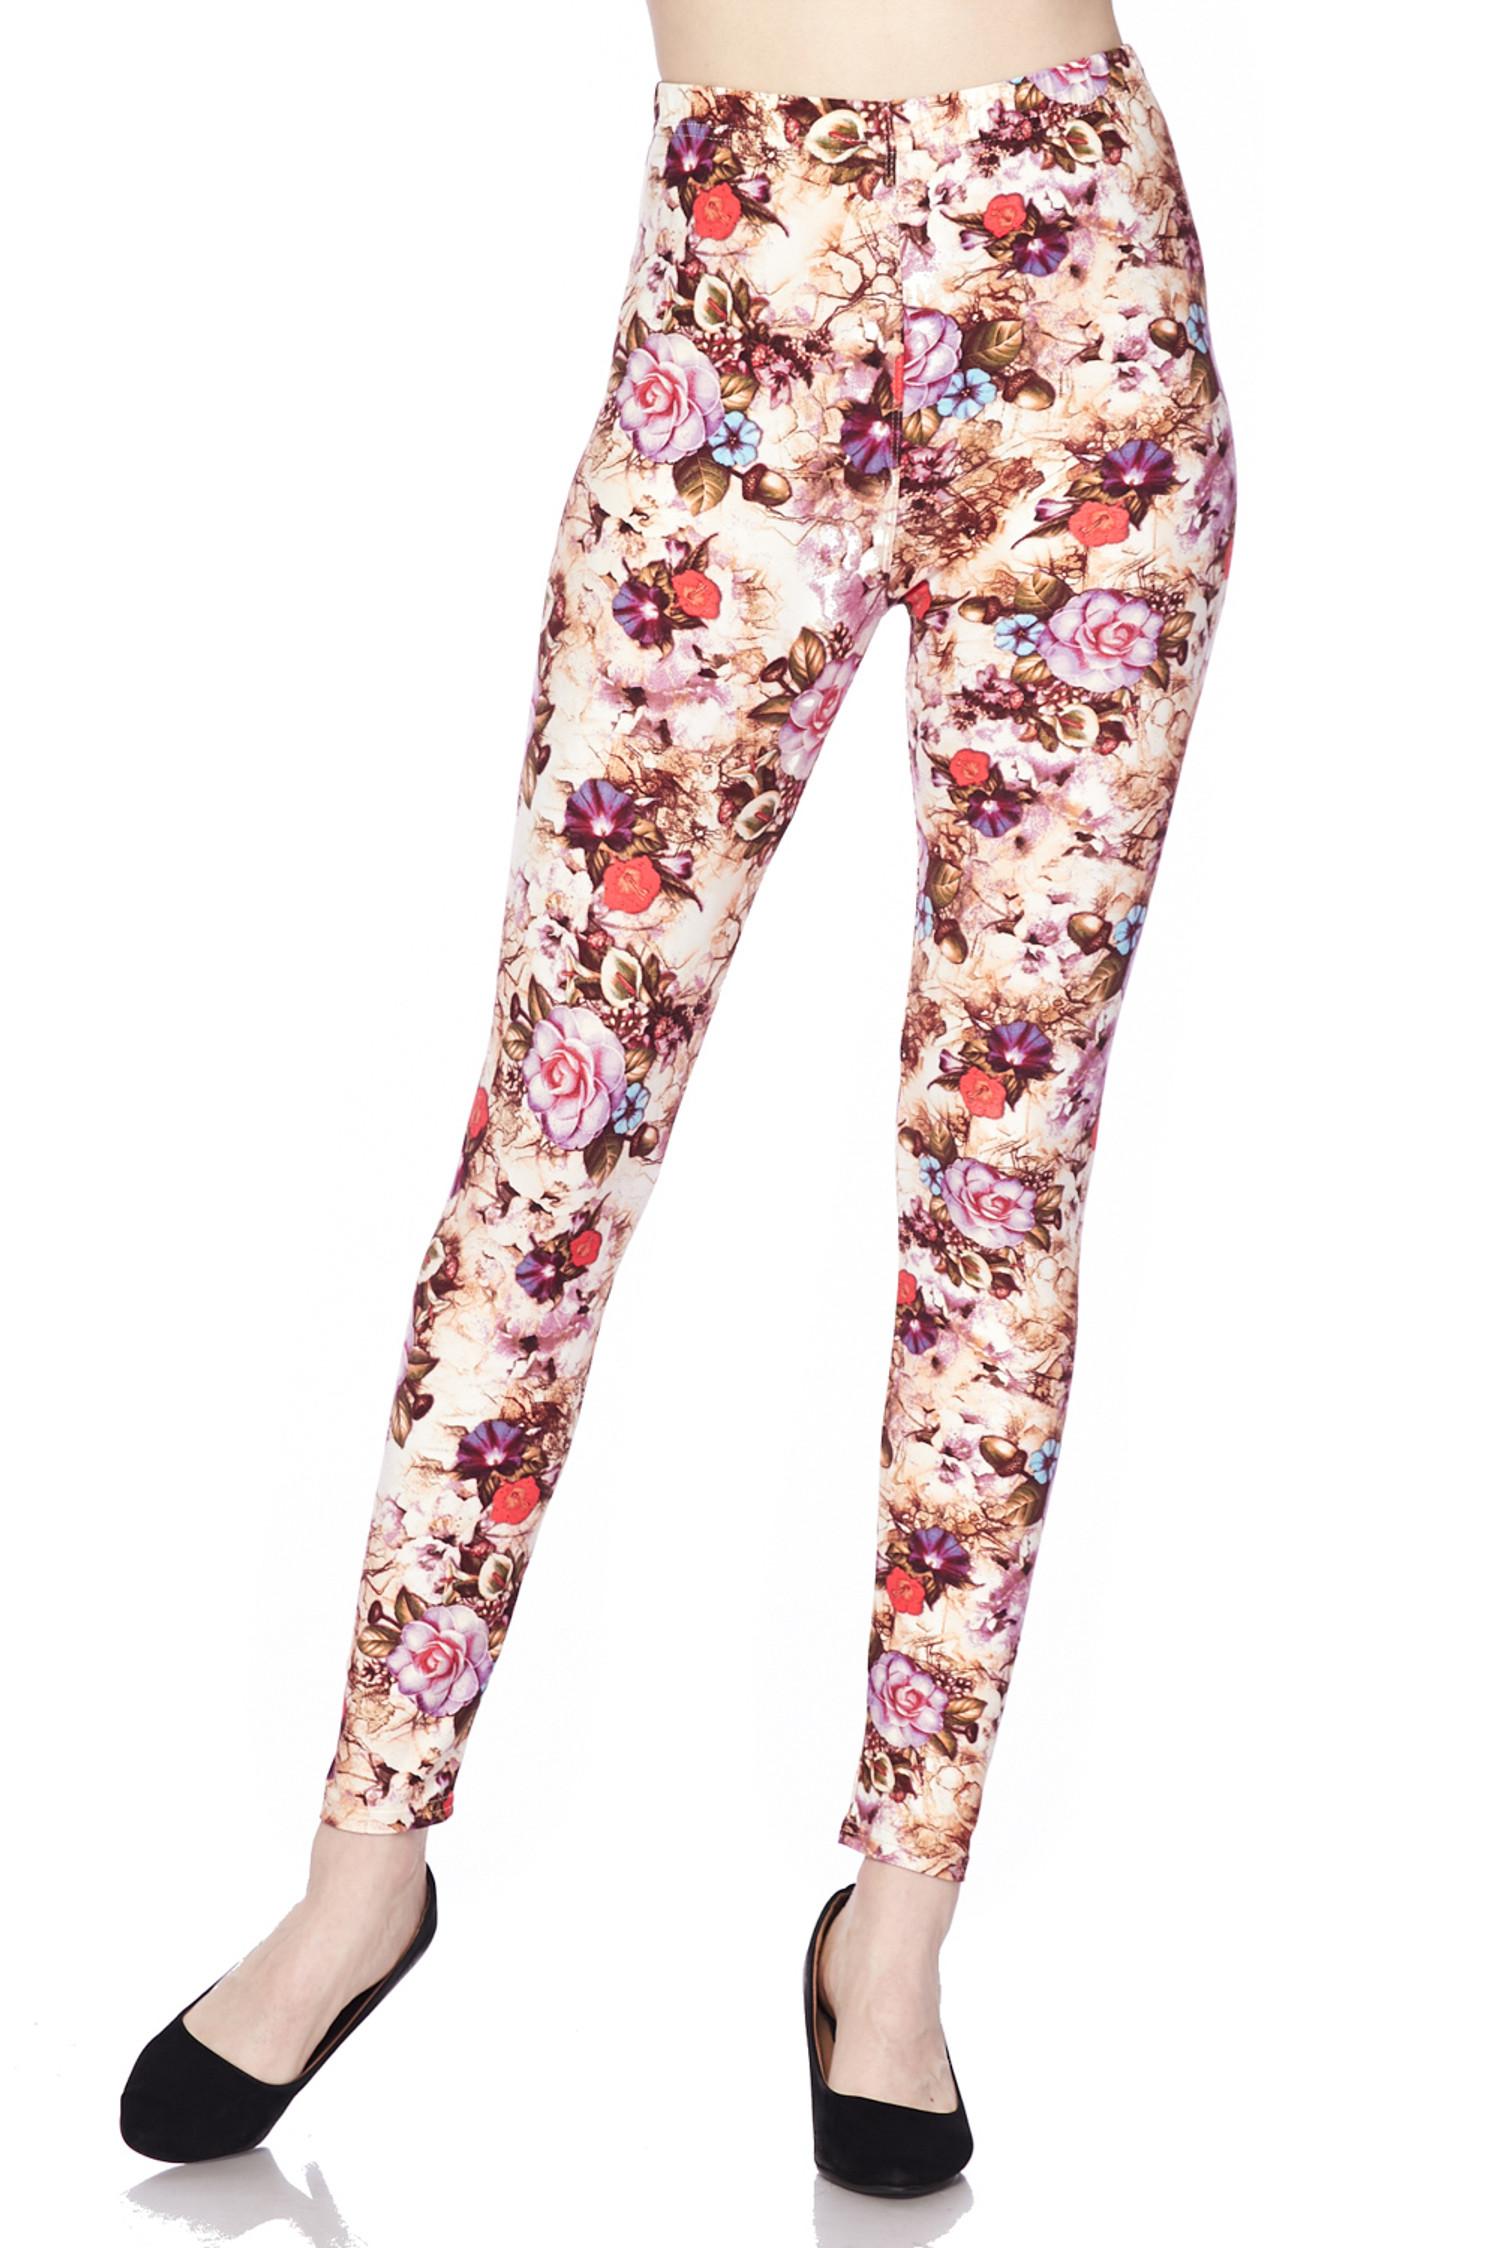 Soft Brushed Ginger Summer Floral Leggings